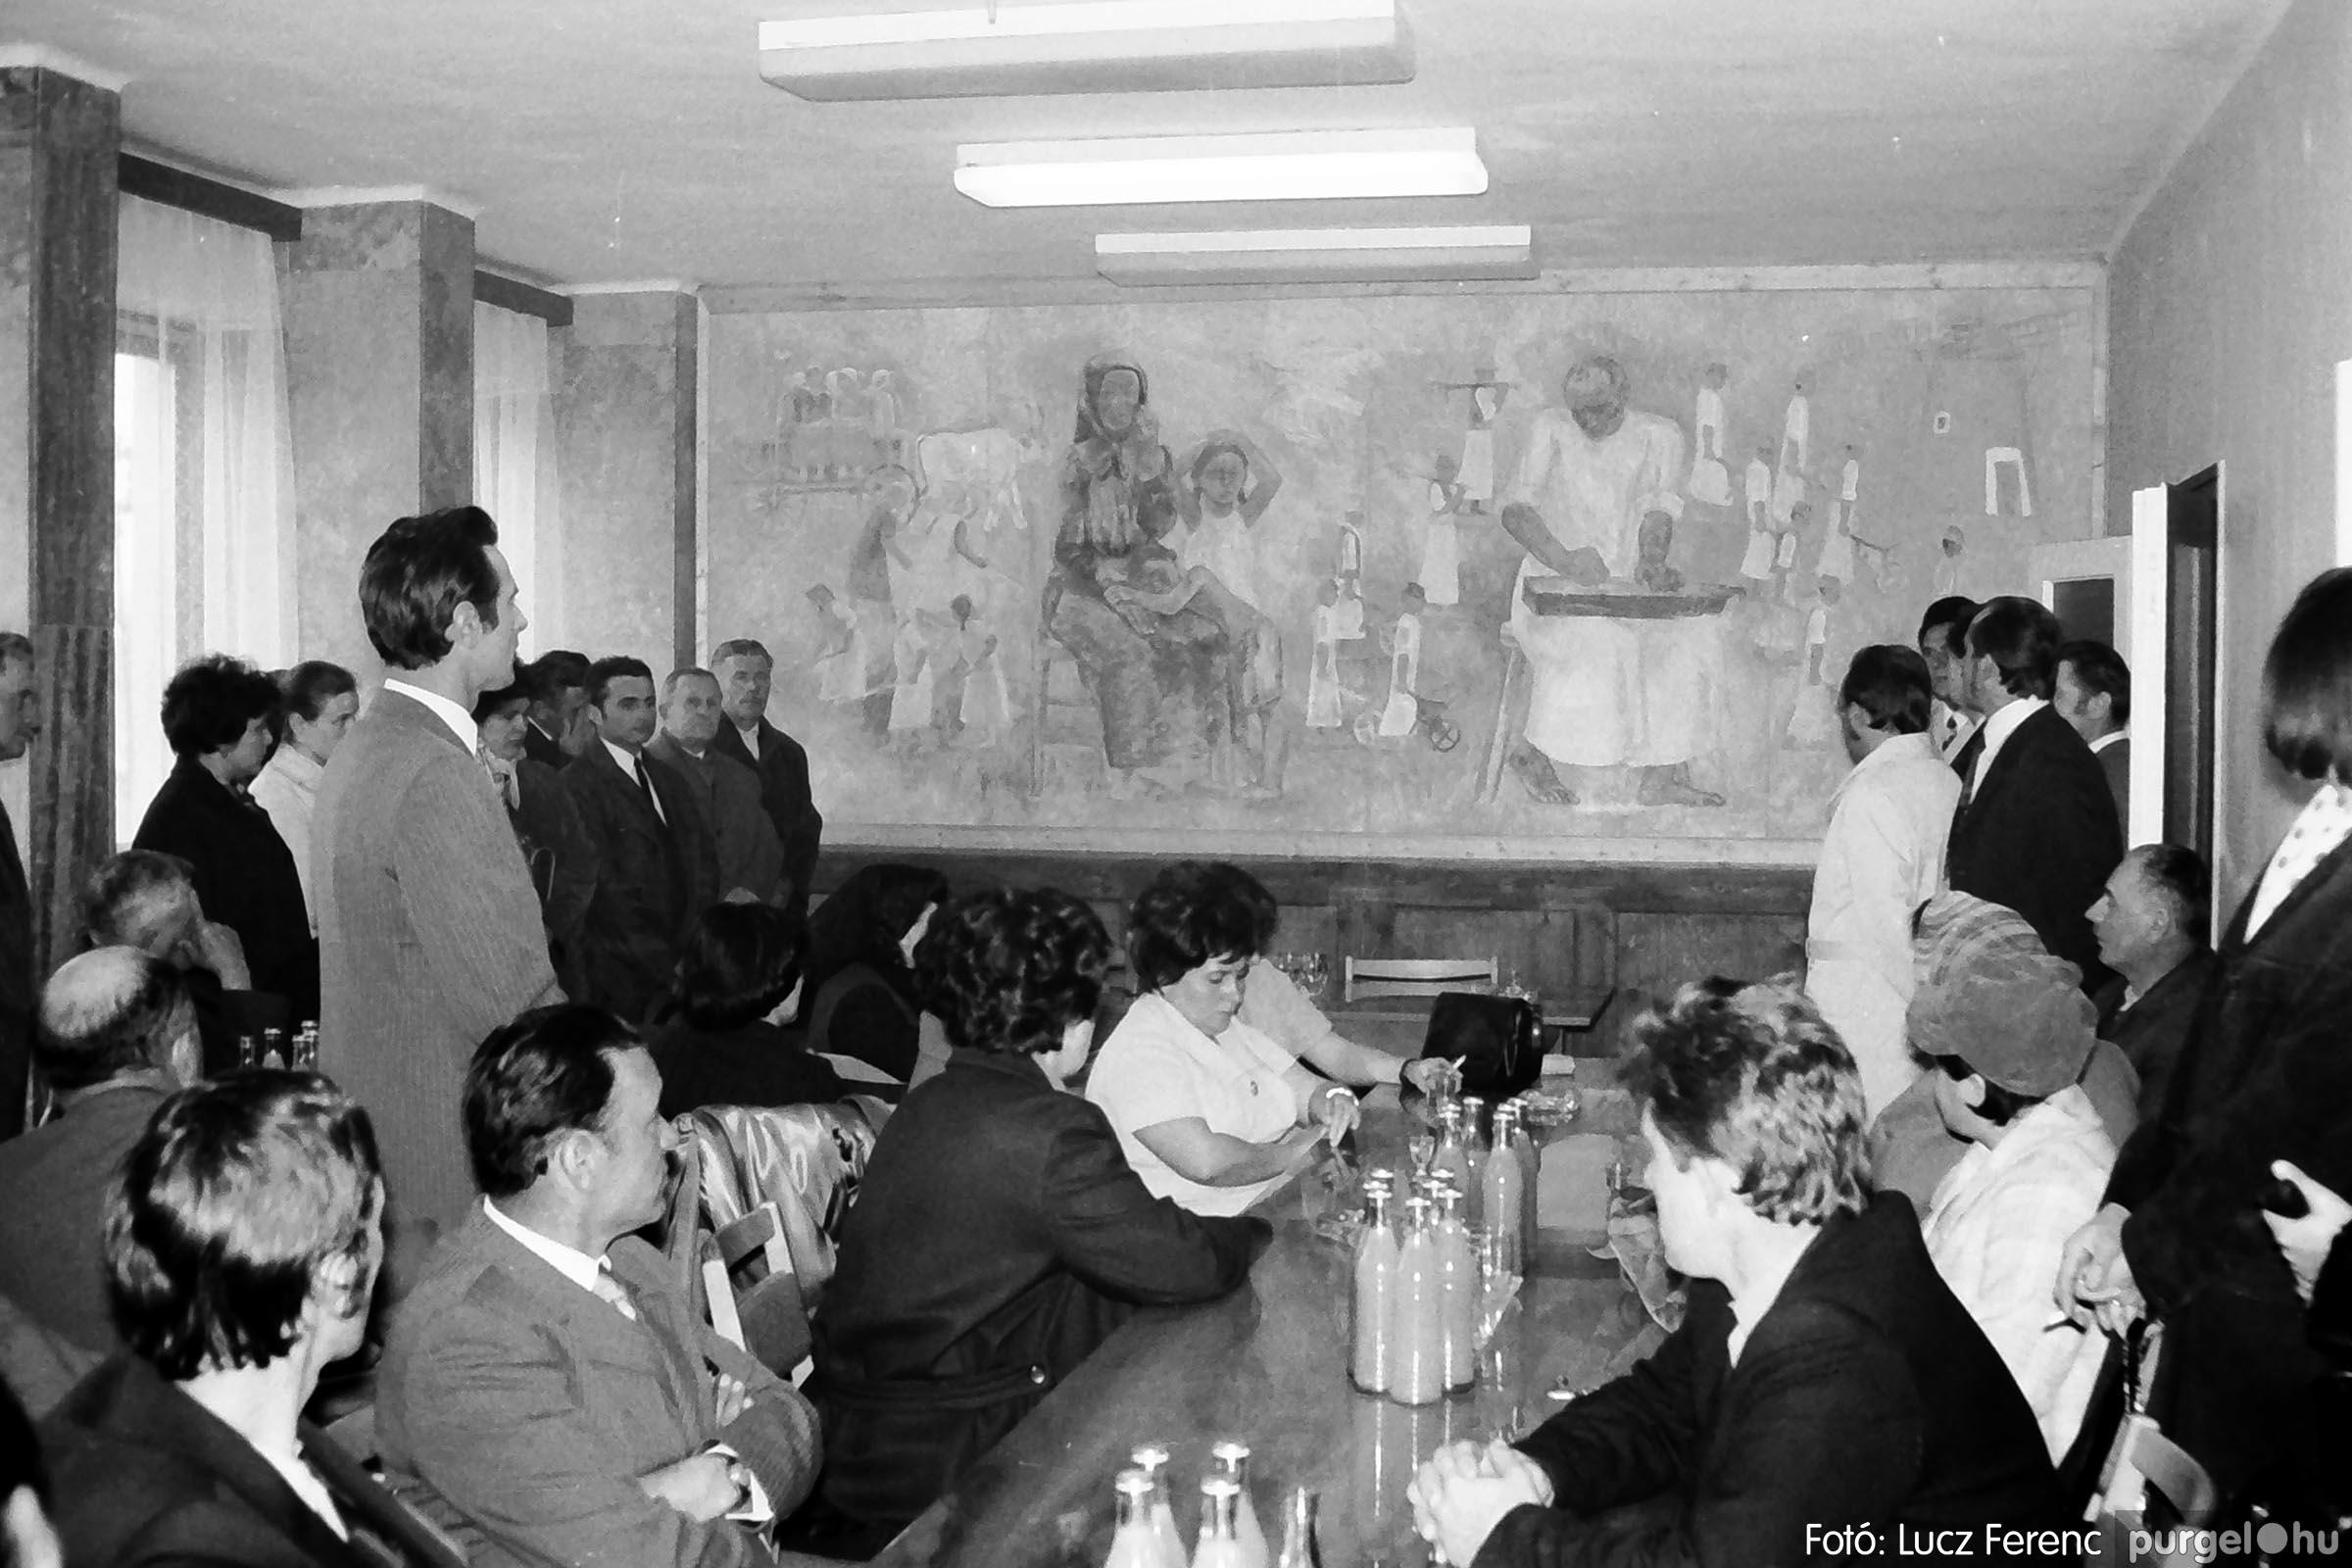 008 1975.04. Falfestmény átadása a pártházban 003 - Fotó: Lucz Ferenc IMG00121q.jpg